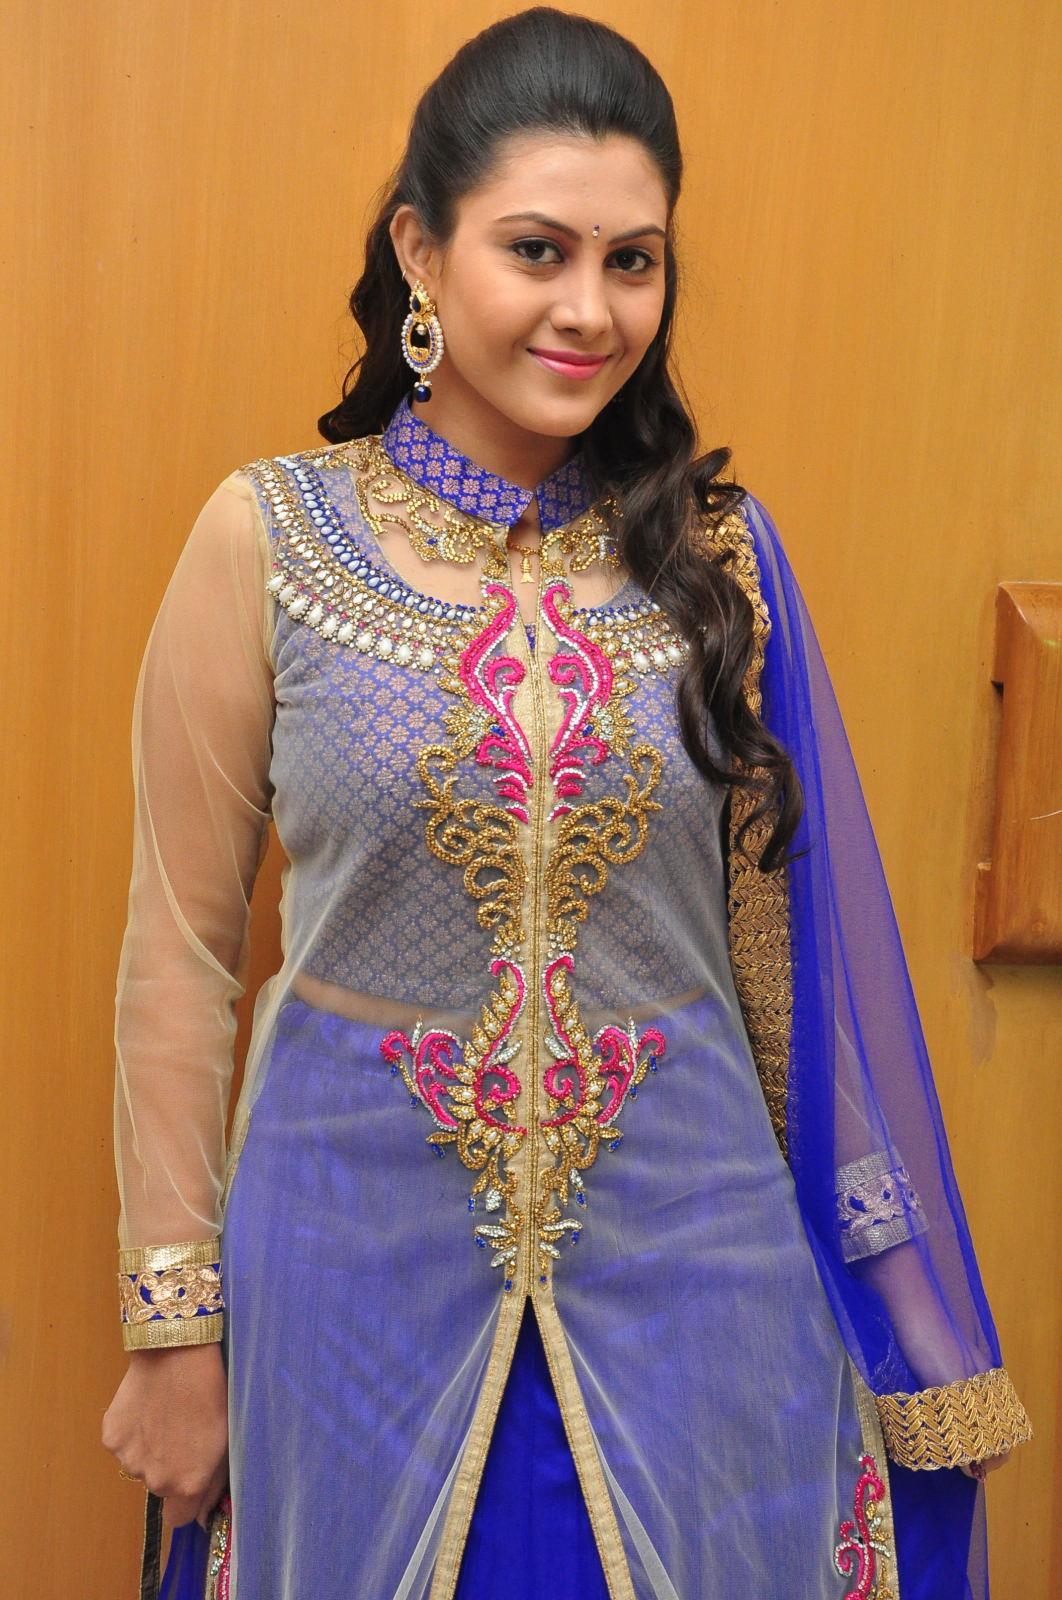 Telugu TV Actress Priyanka Photo Shoot In Blue Dress